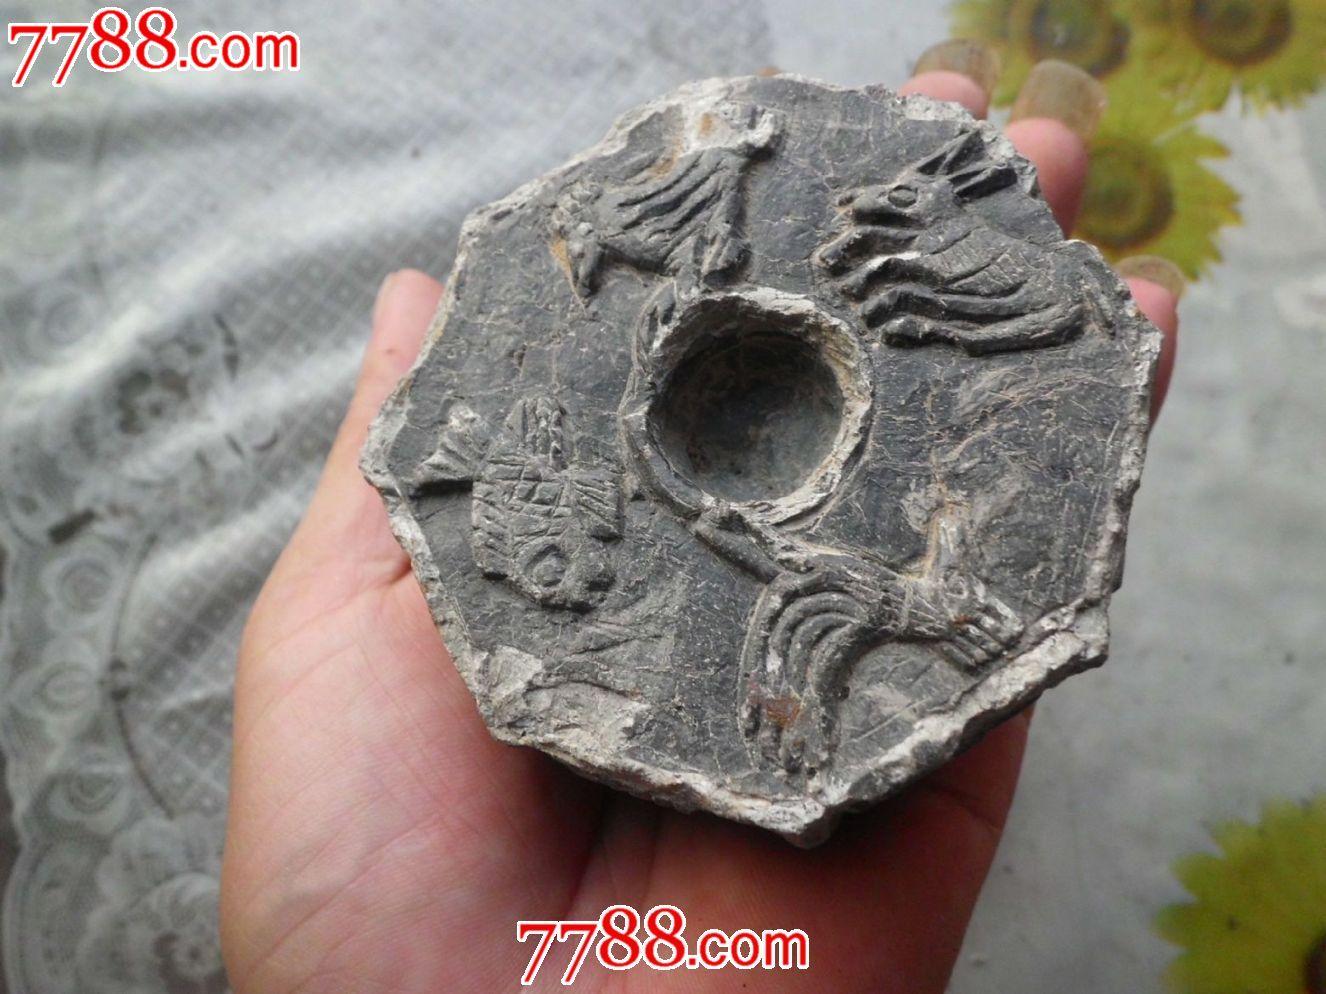 一个浮雕八边形动物花卉泥塑烧制麻砣